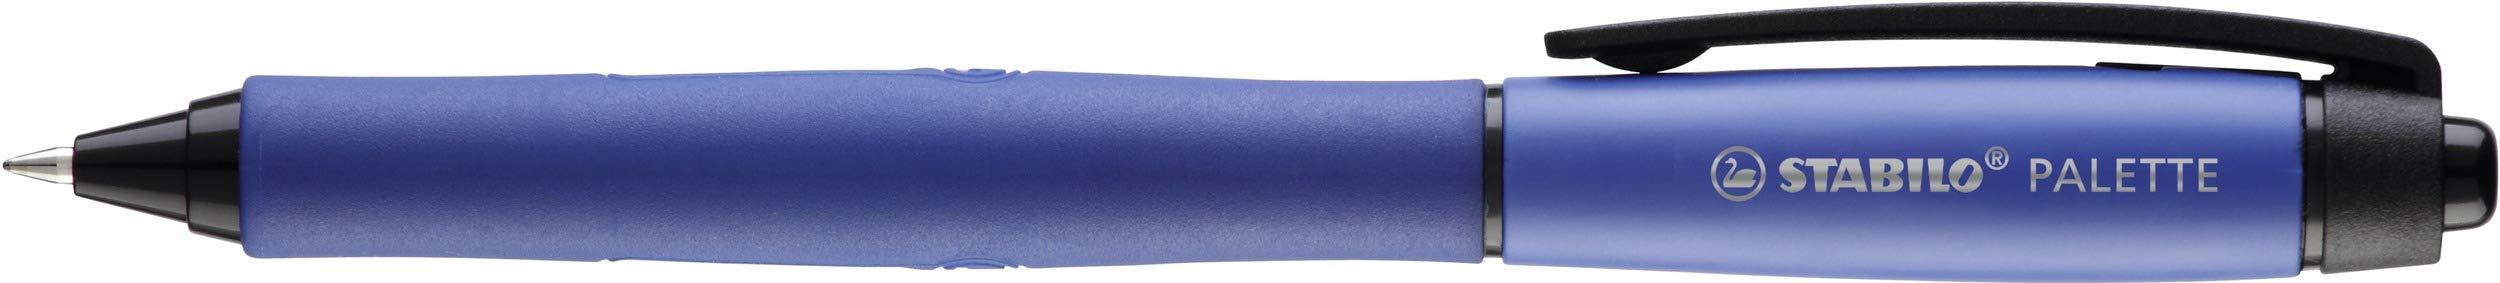 Punta F Blister 1 unidad Roller tinta gel retr/áctil STABILO PALETTE Color azul